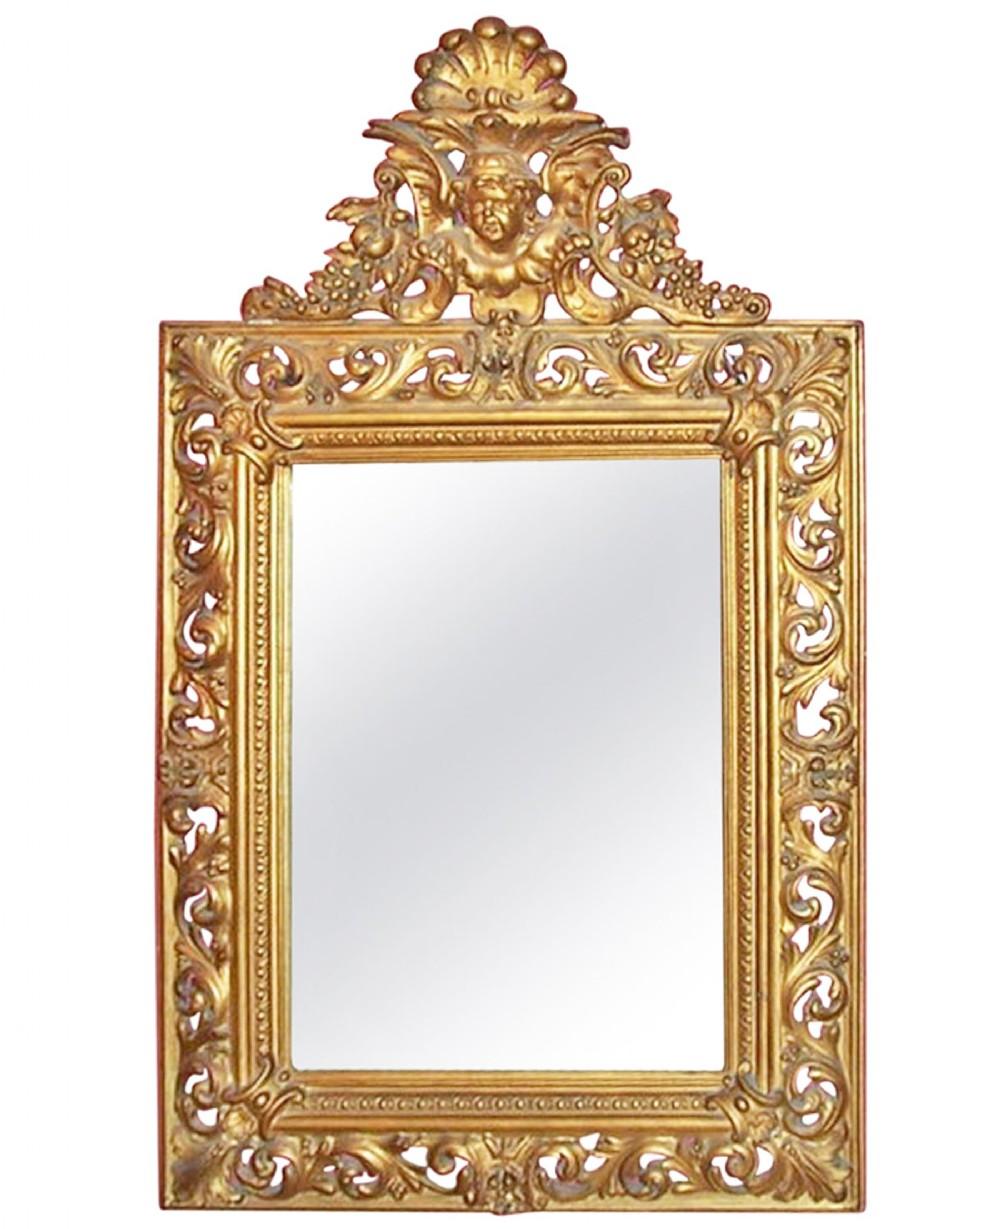 mid 19th century italian giltwood gesso wall mirror